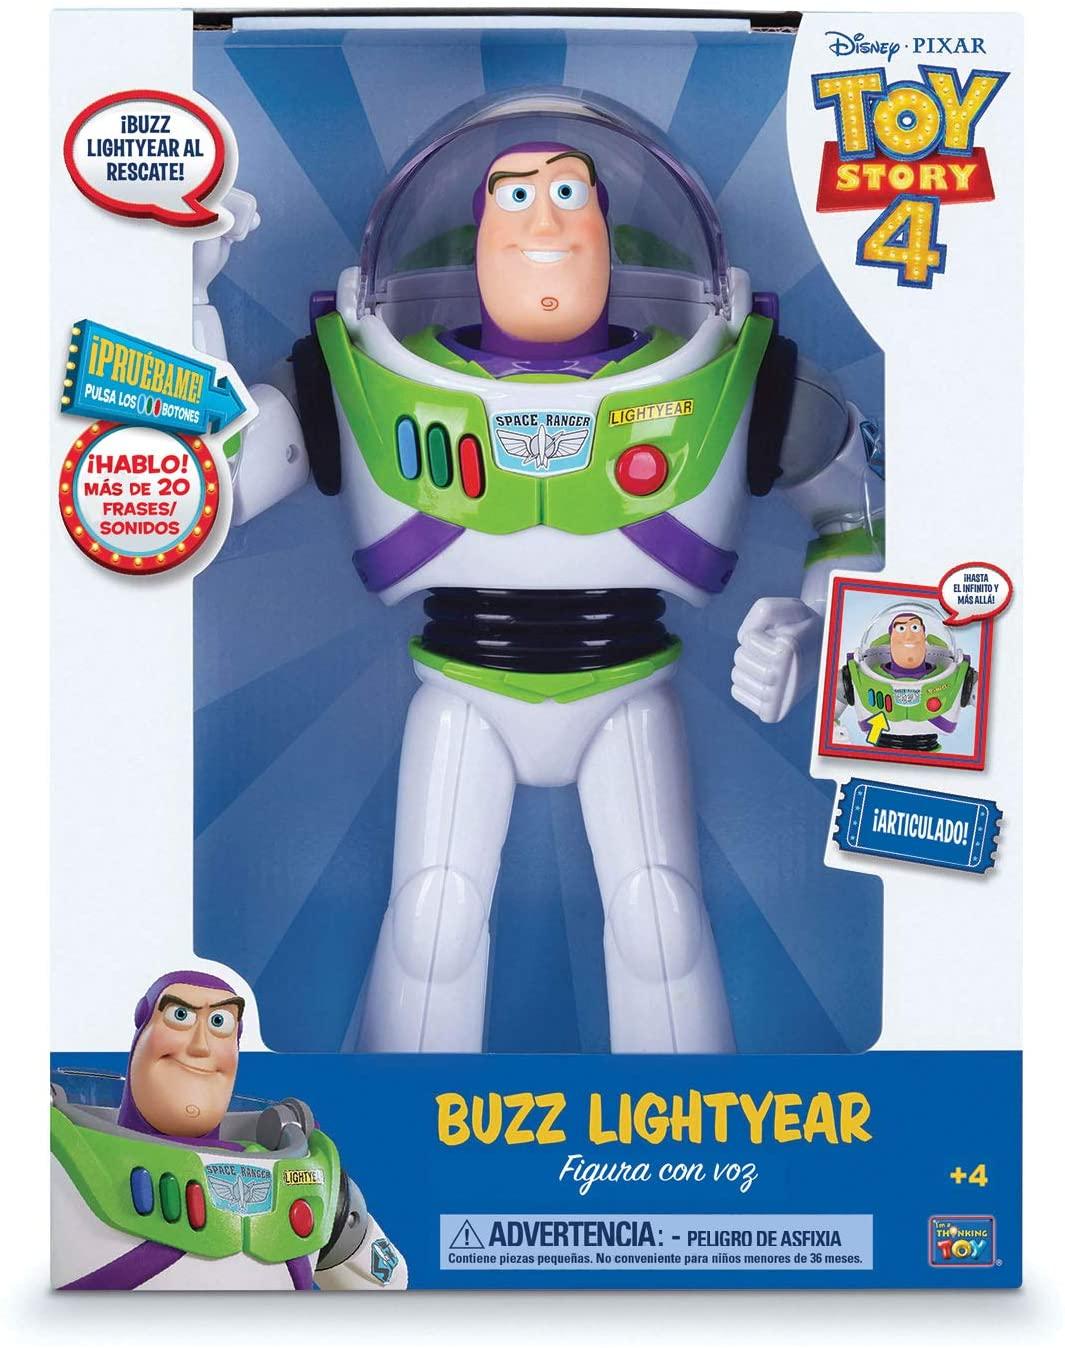 Toy Story 4 Buzz Lightyear solo 15€